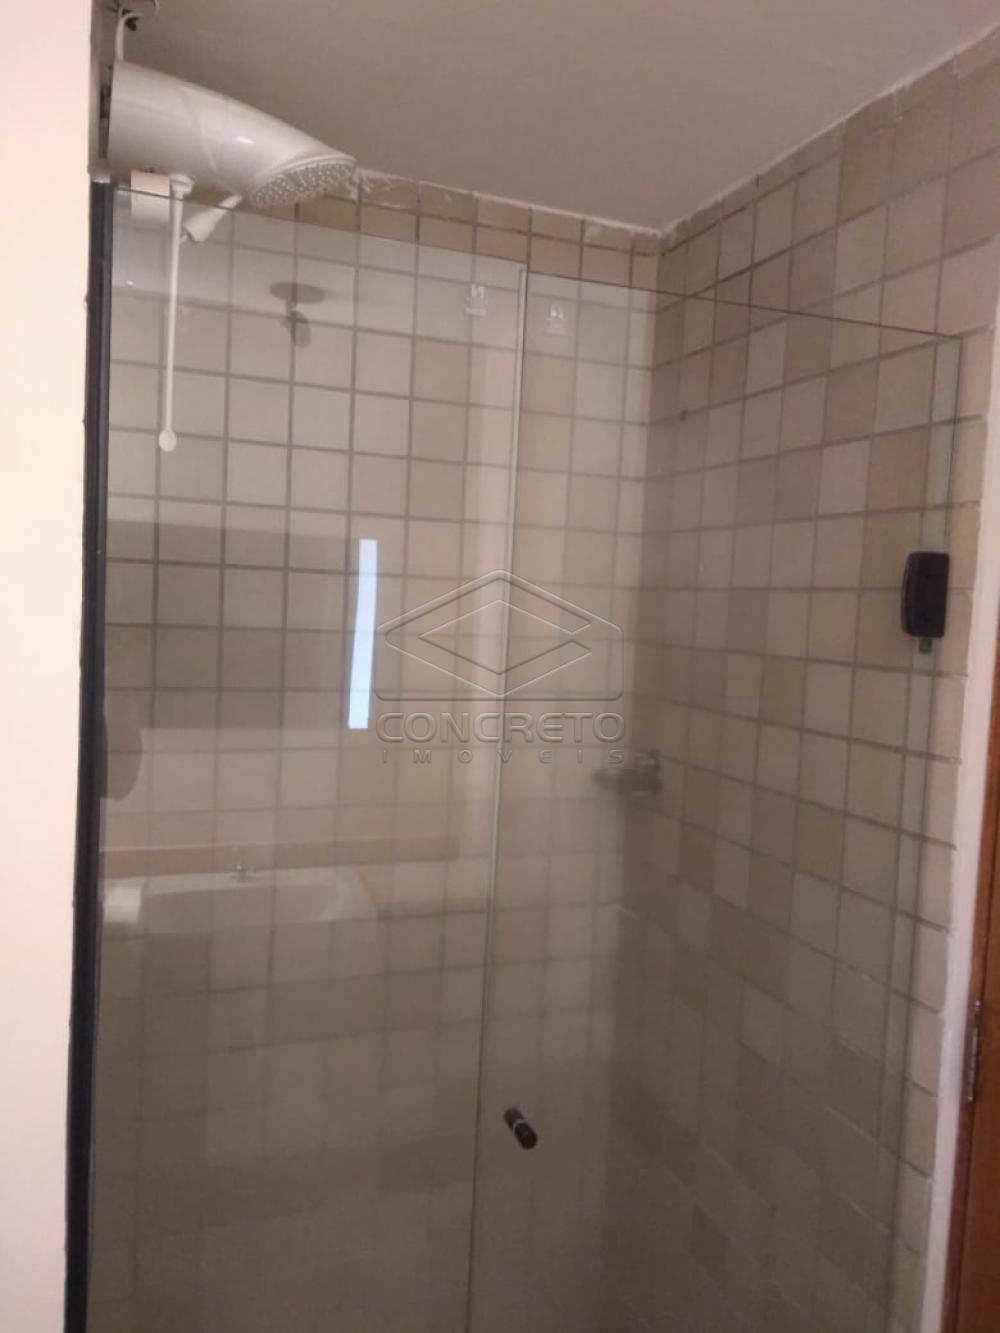 Alugar Apartamento / Padrão em Bauru apenas R$ 700,00 - Foto 9